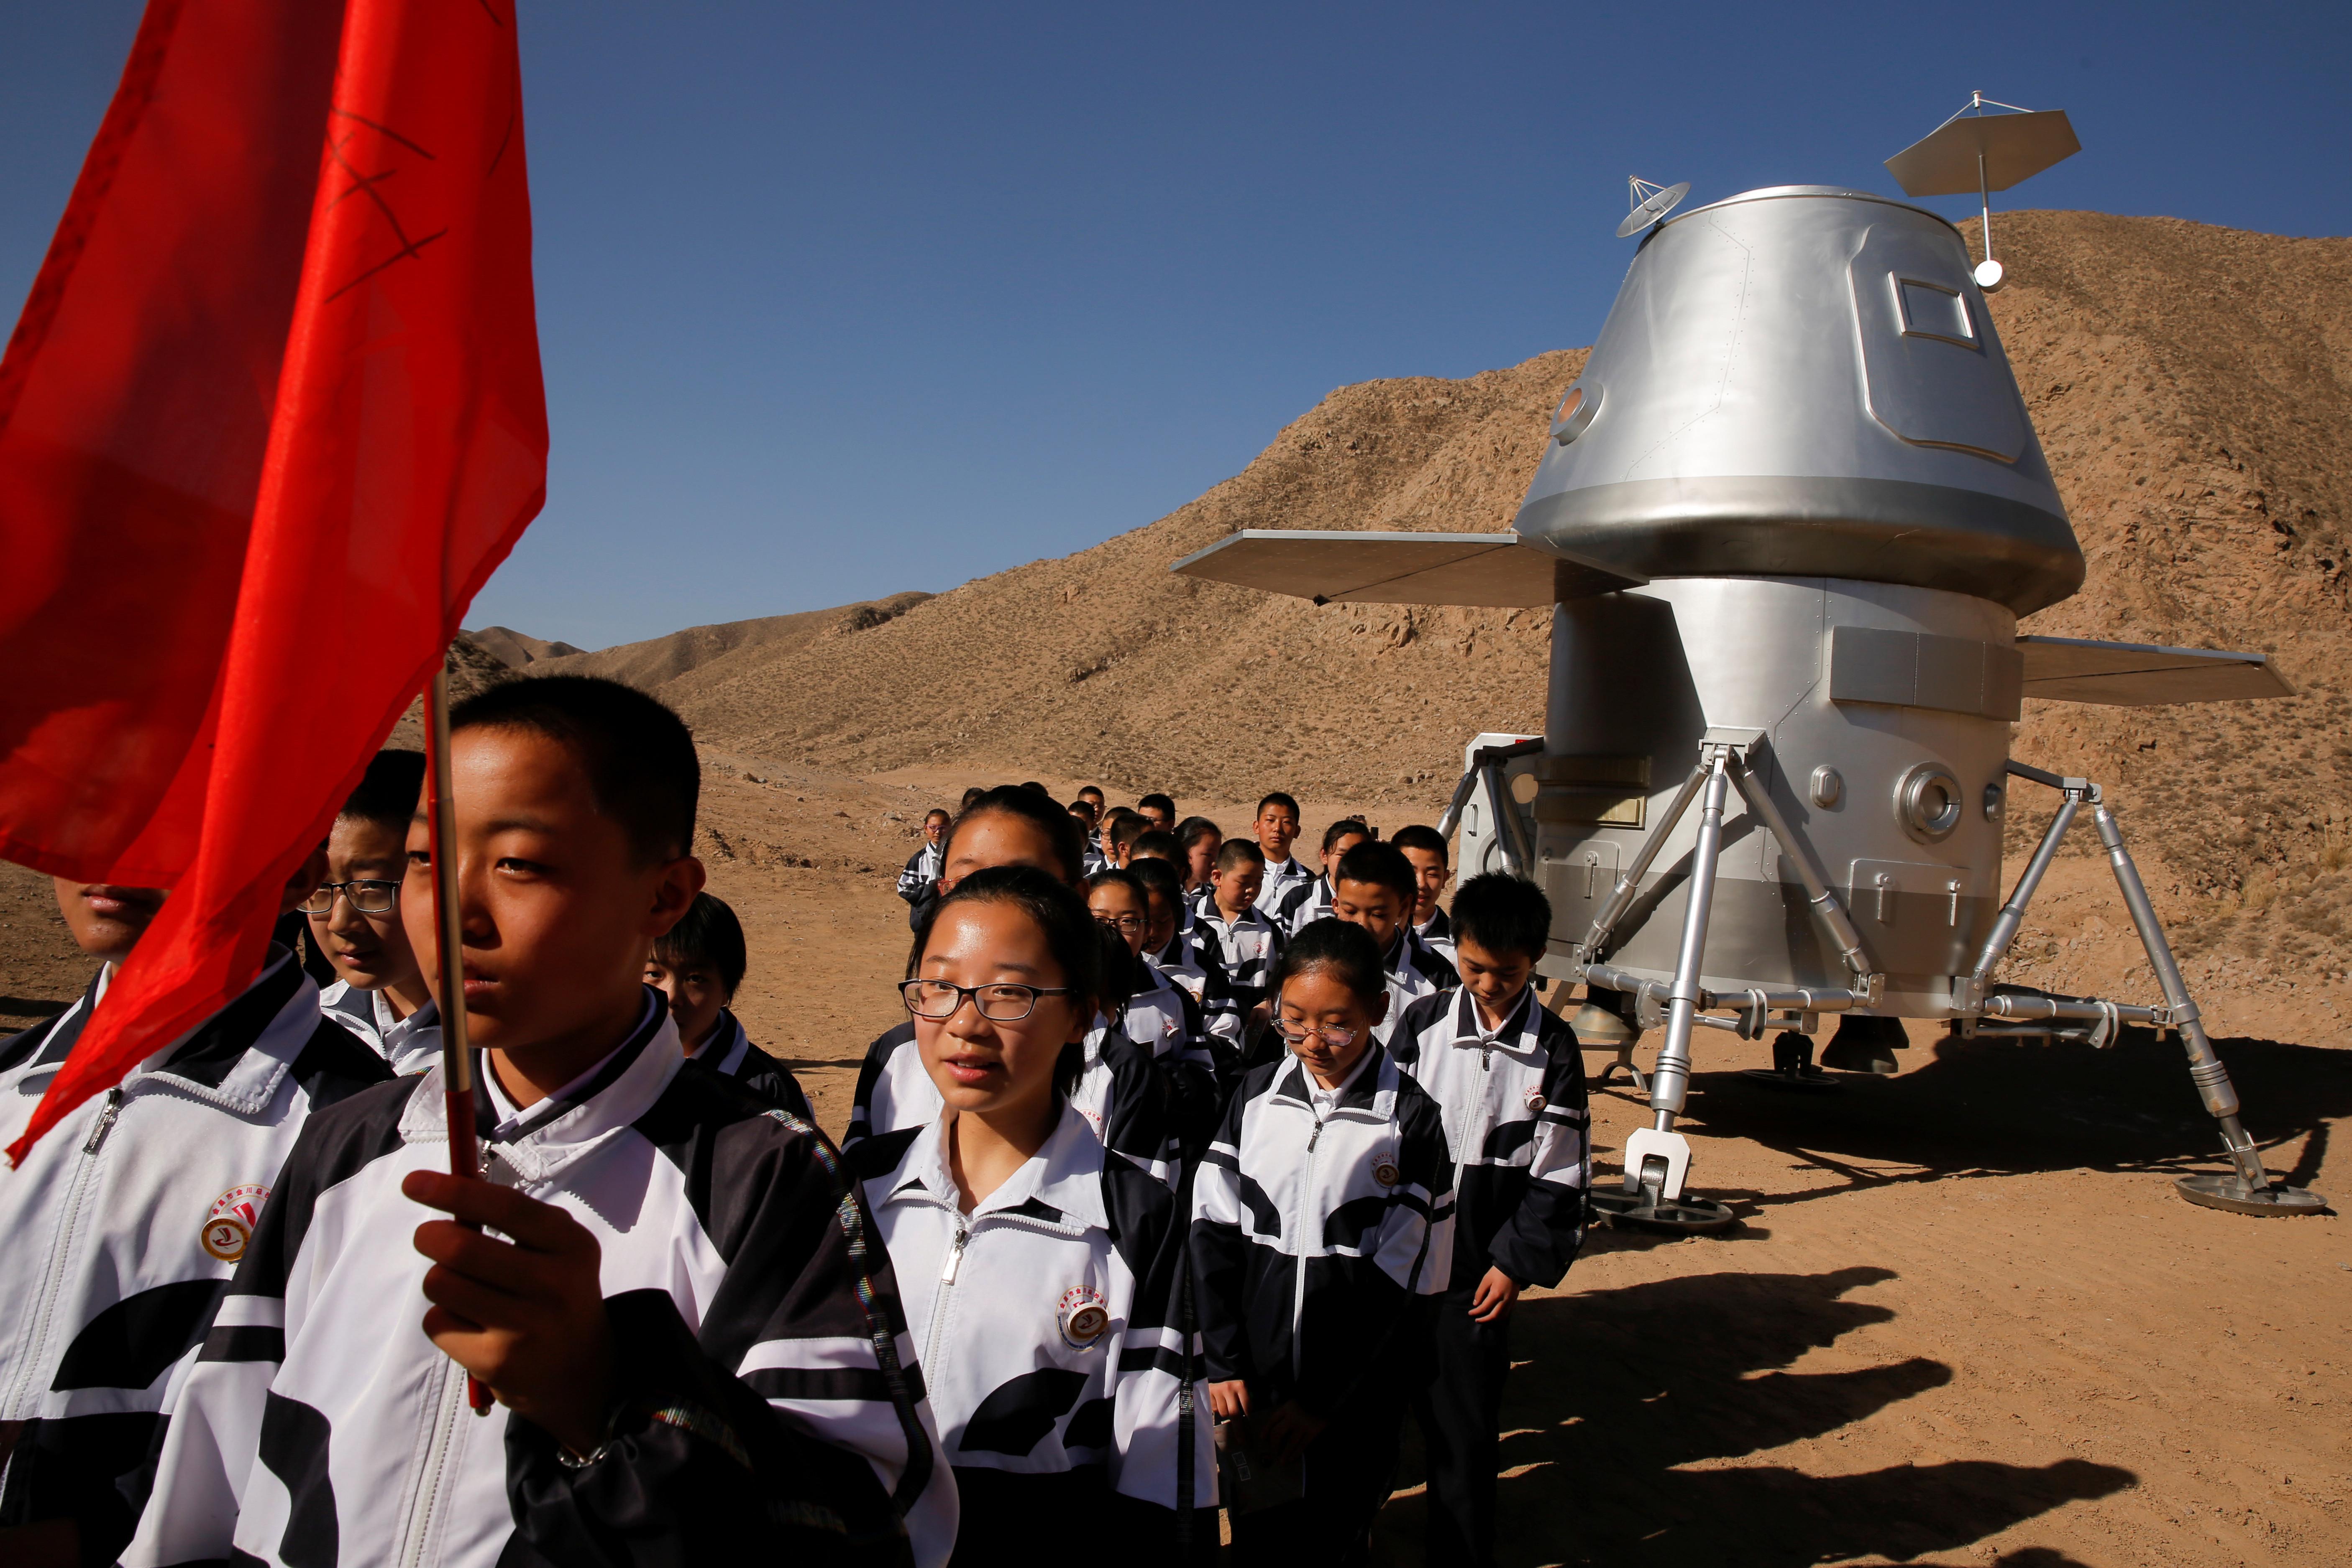 Chinas fake Mars base camp lets visitors explore Star Wars style 5623x3749